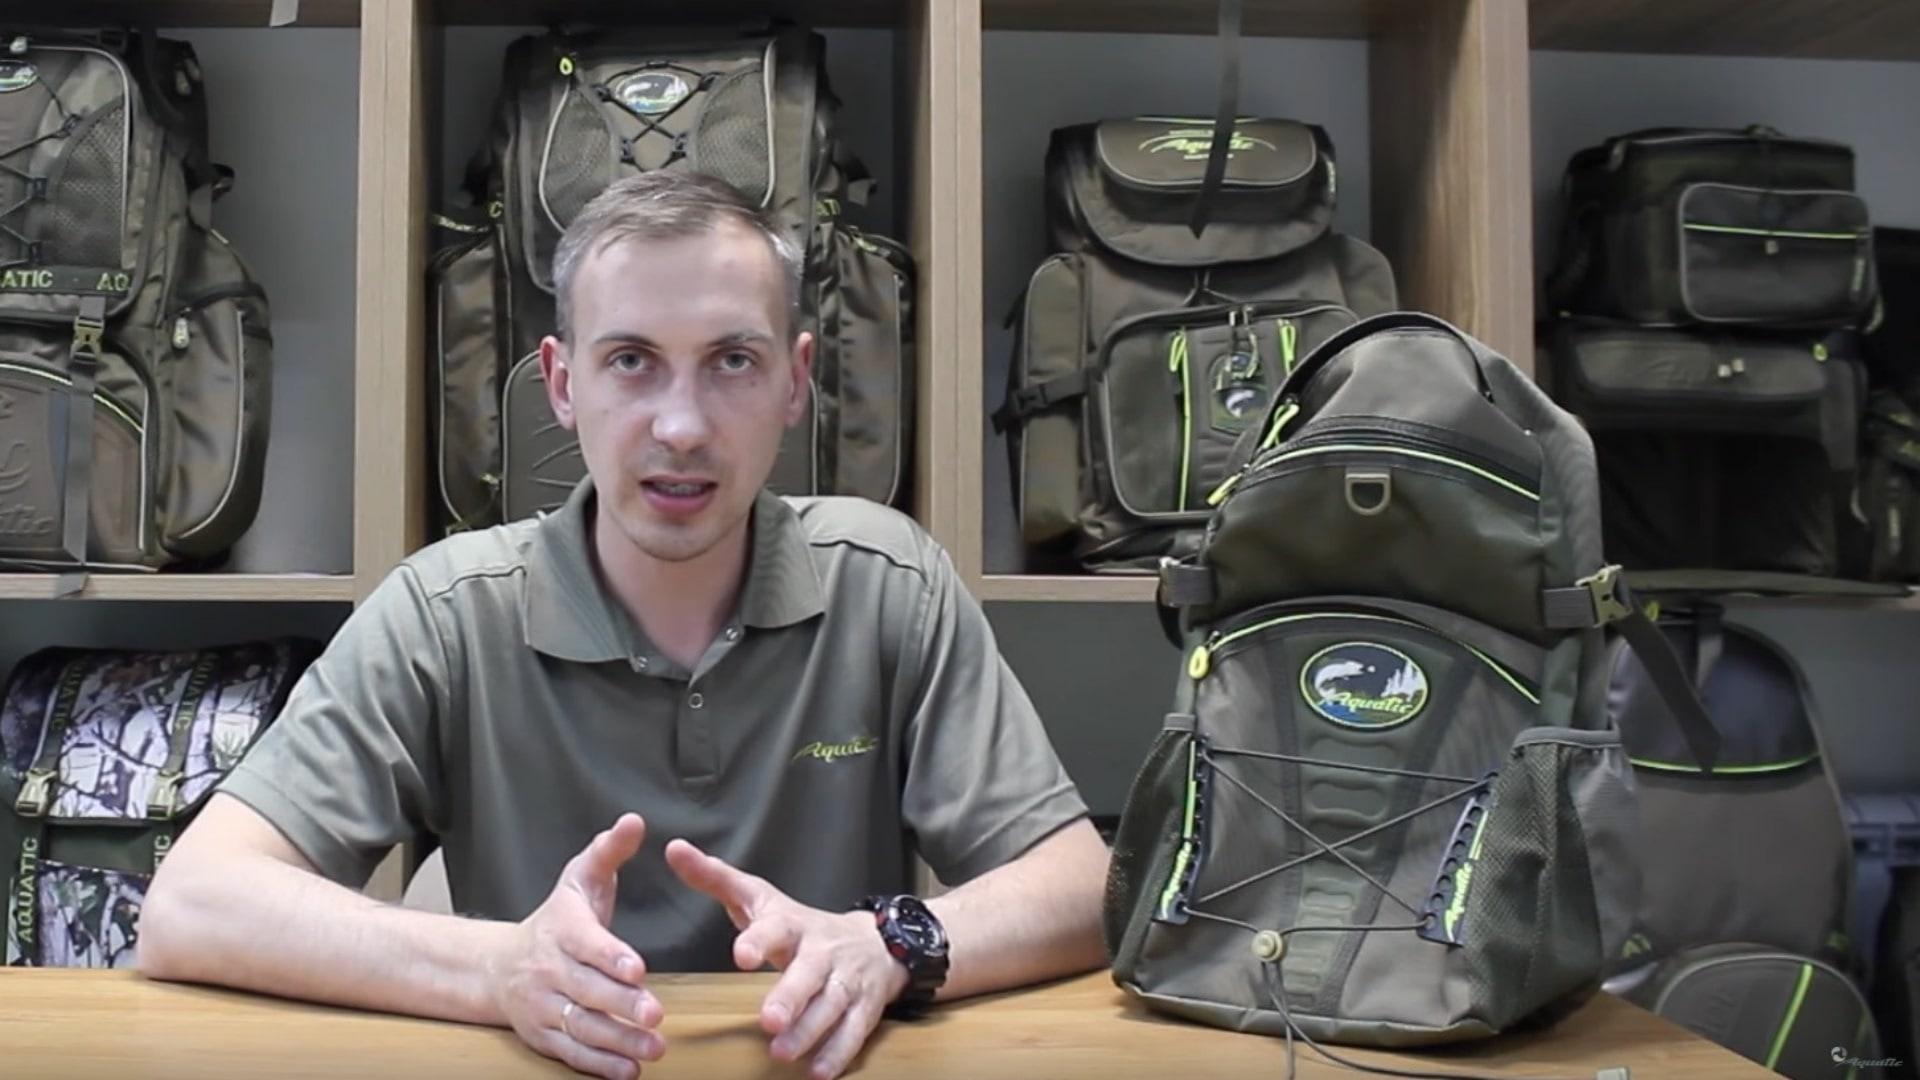 Видеообзор рюкзака Aquatic Р-20